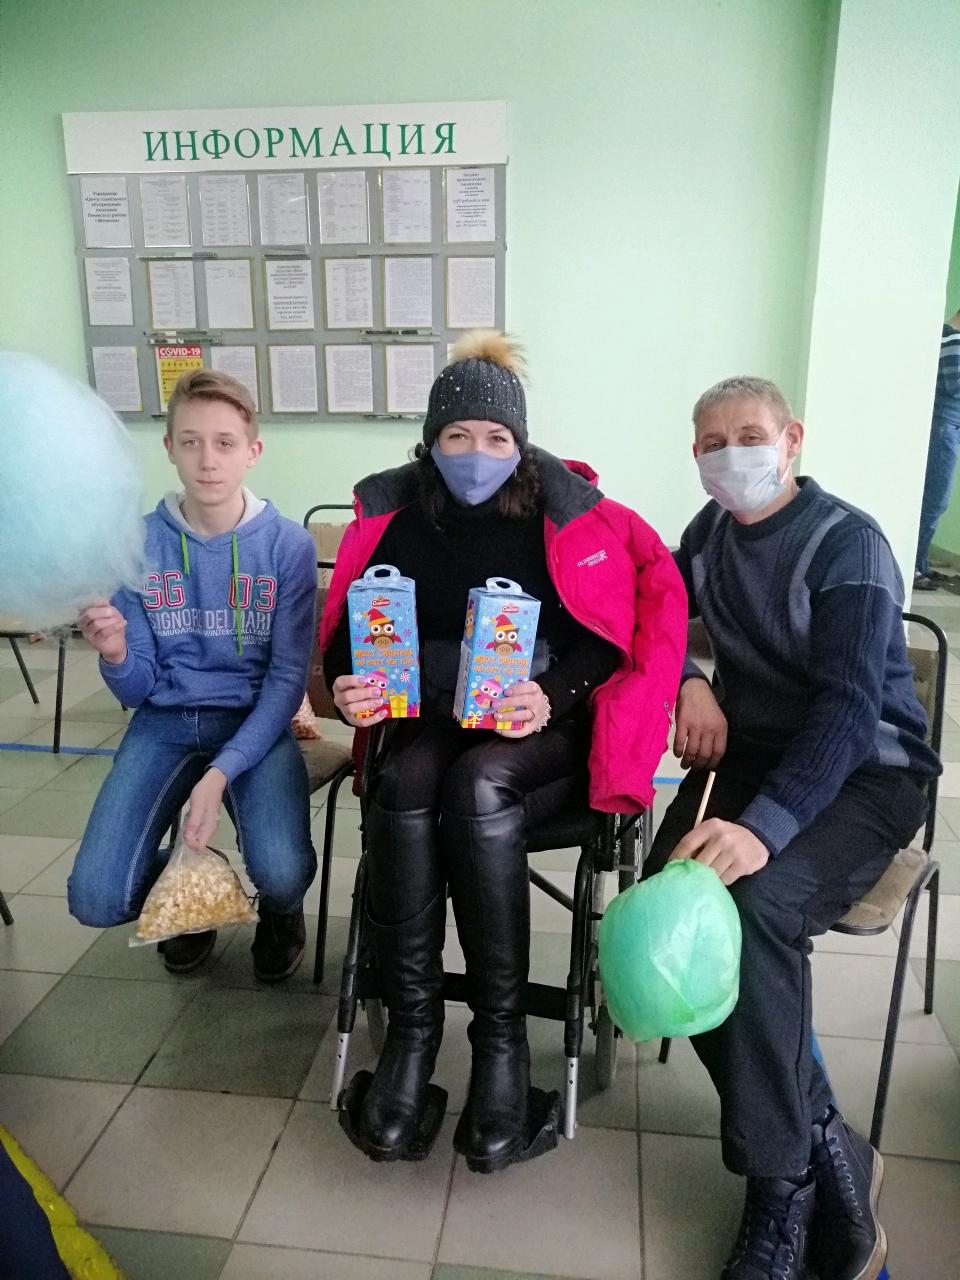 Концерт, подарки, внимание: в Могилеве для людей с ограниченными возможностями организовали «Рождественскую встречу»